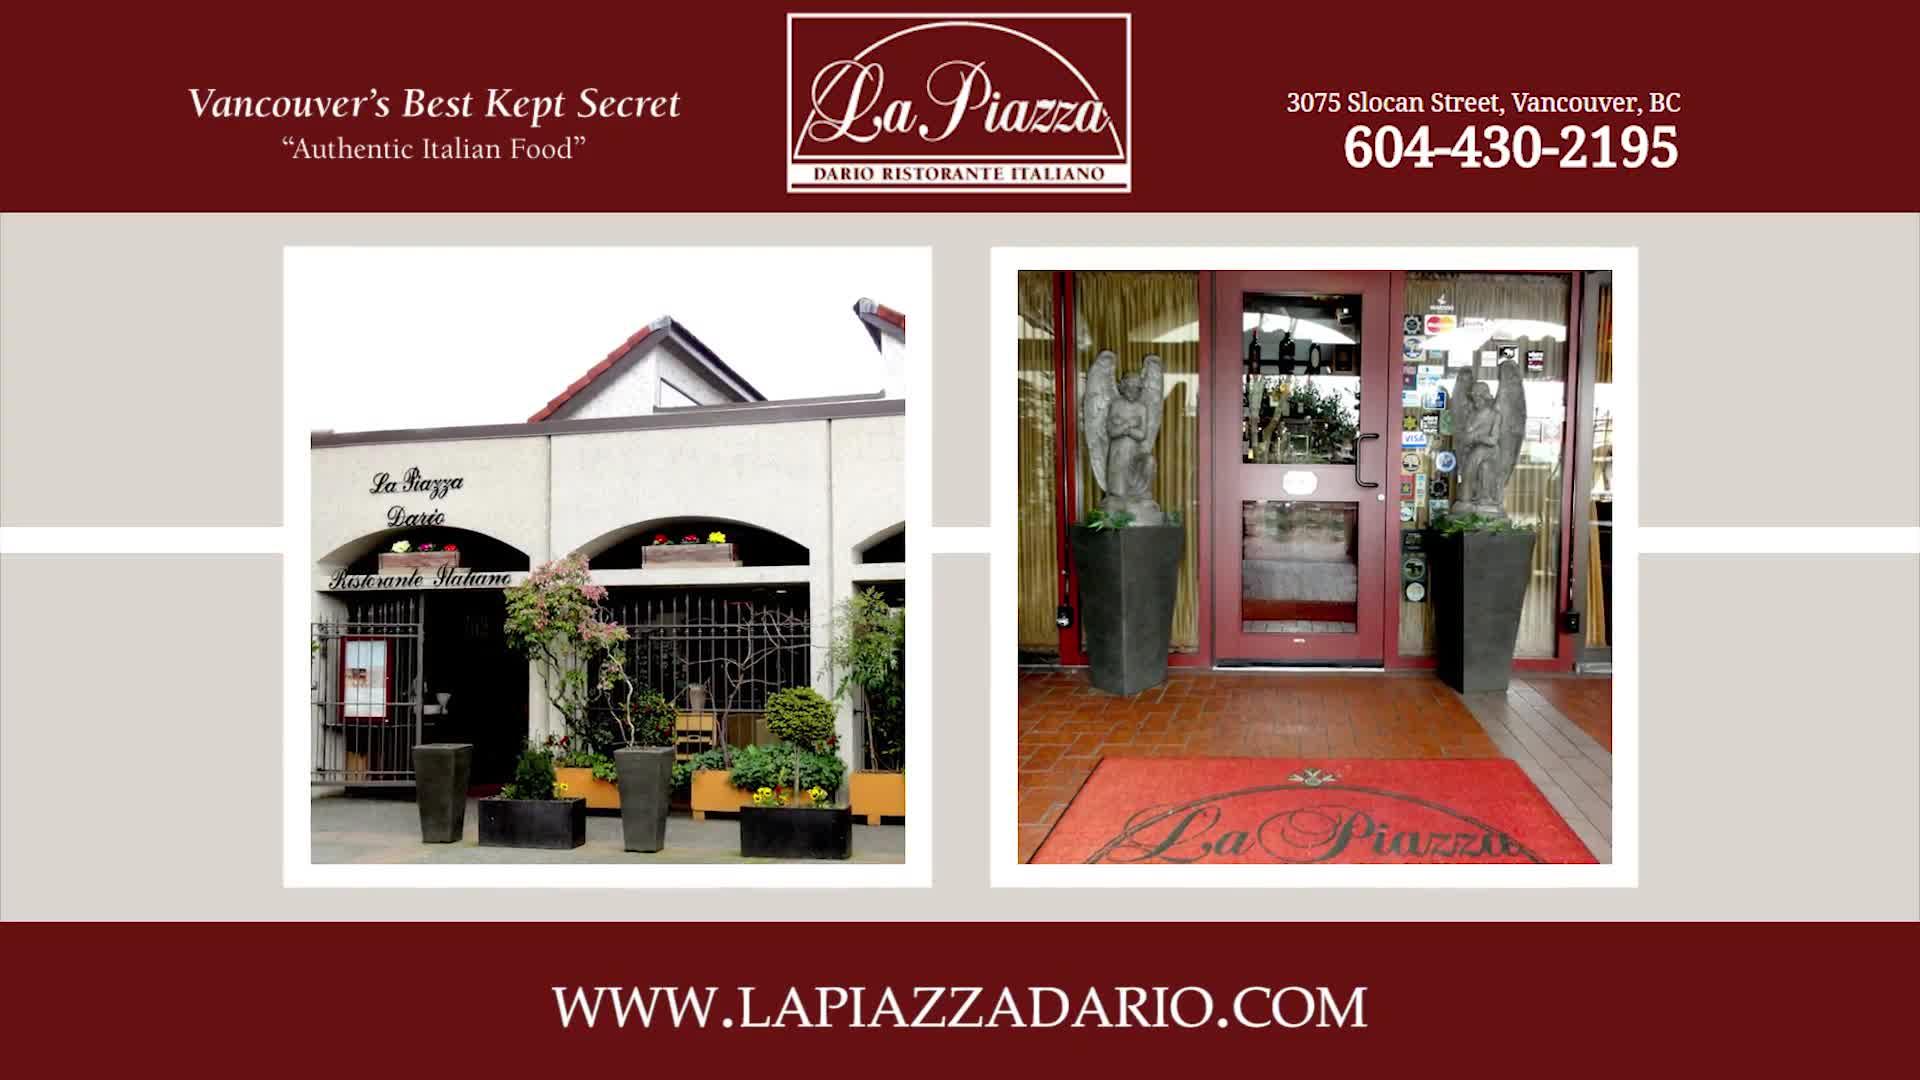 La Piazza Dario Restaurante Italiano - Restaurants - 6044302195